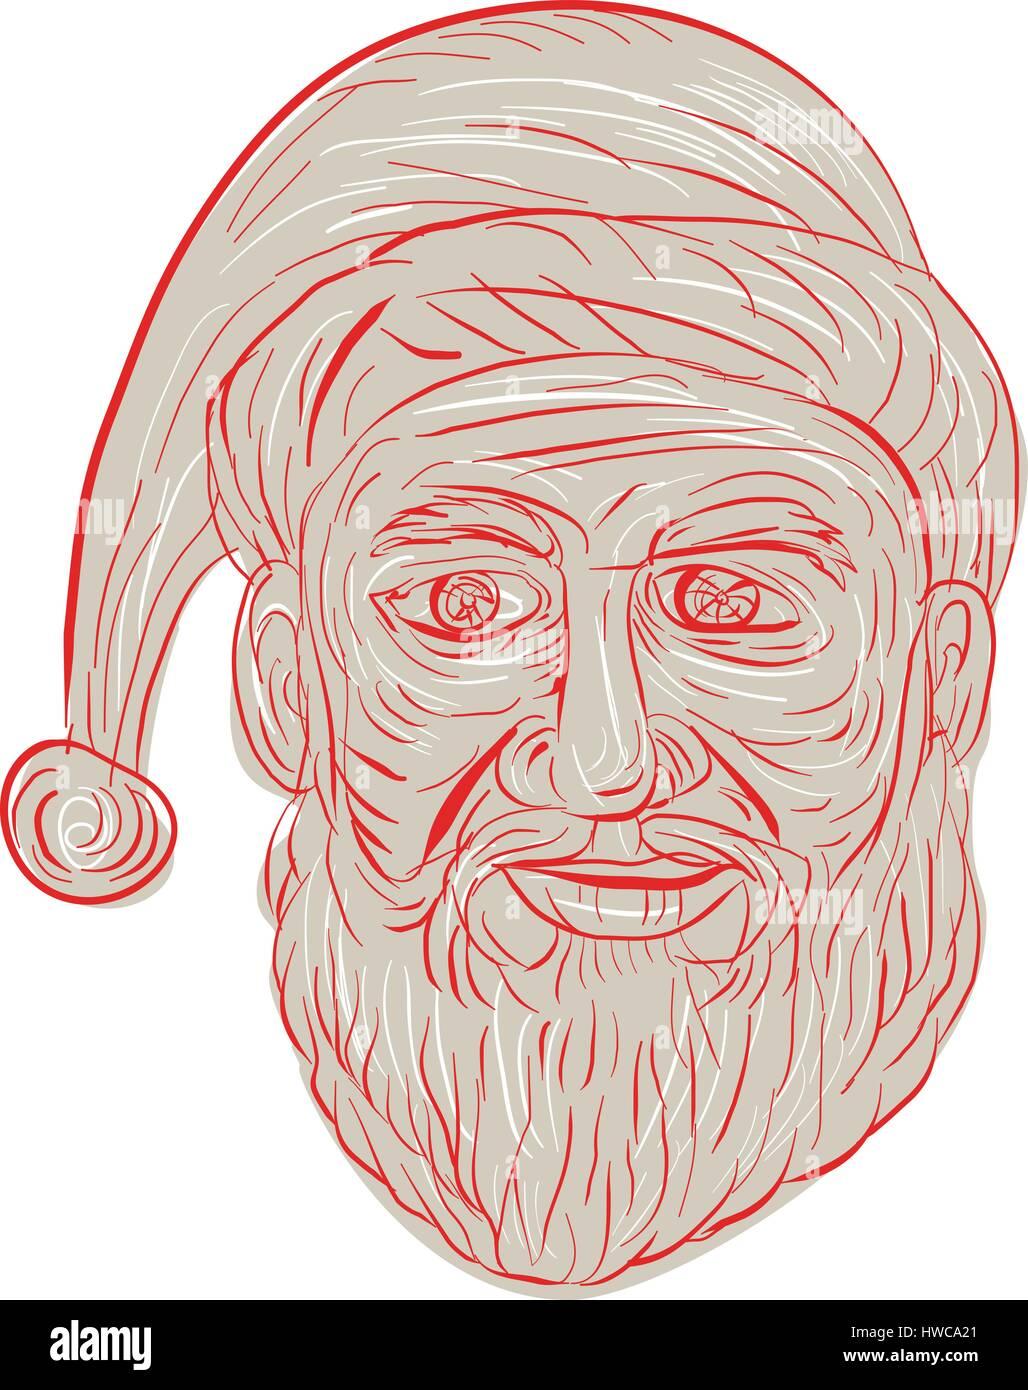 Style croquis dessin illustration d'un Père Noël à la mélancolie triste, sombre et triste Photo Stock